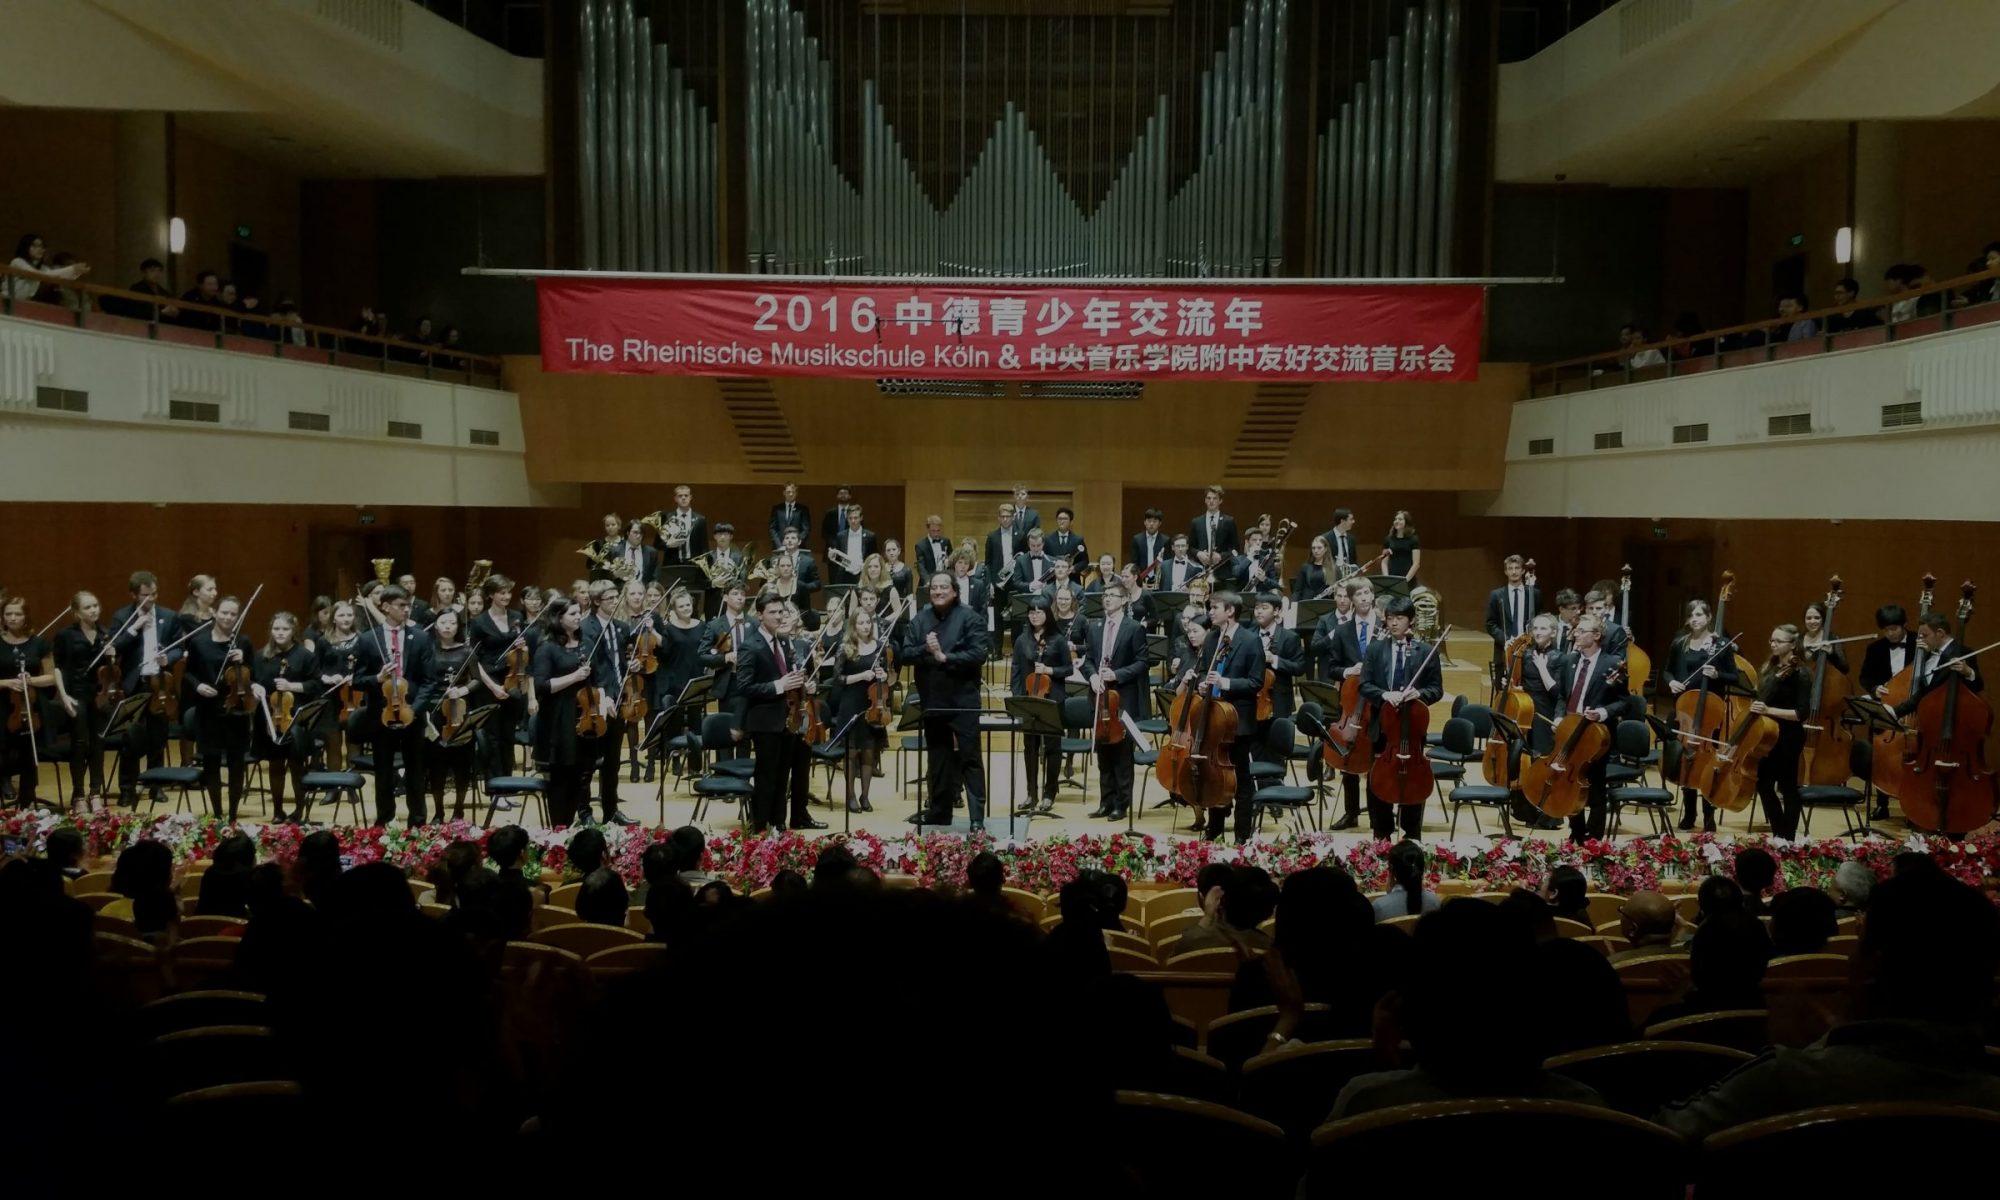 Jugendsinfonieorchester der rheinischen Musikschule Köln